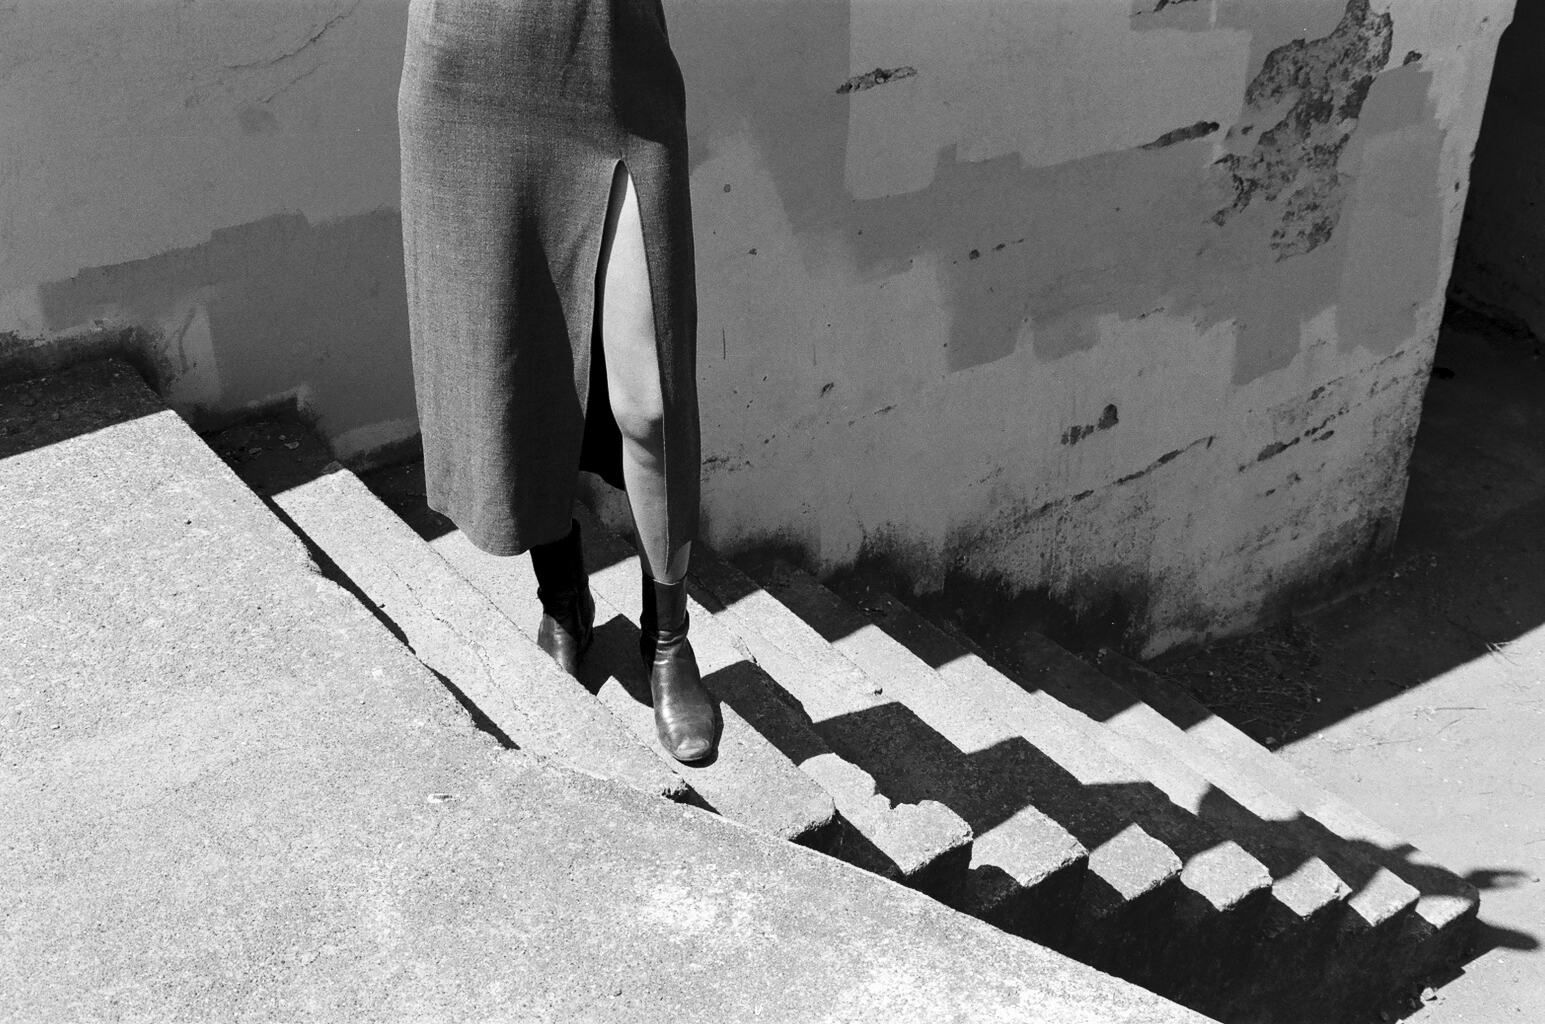 stairs1_1.JPG